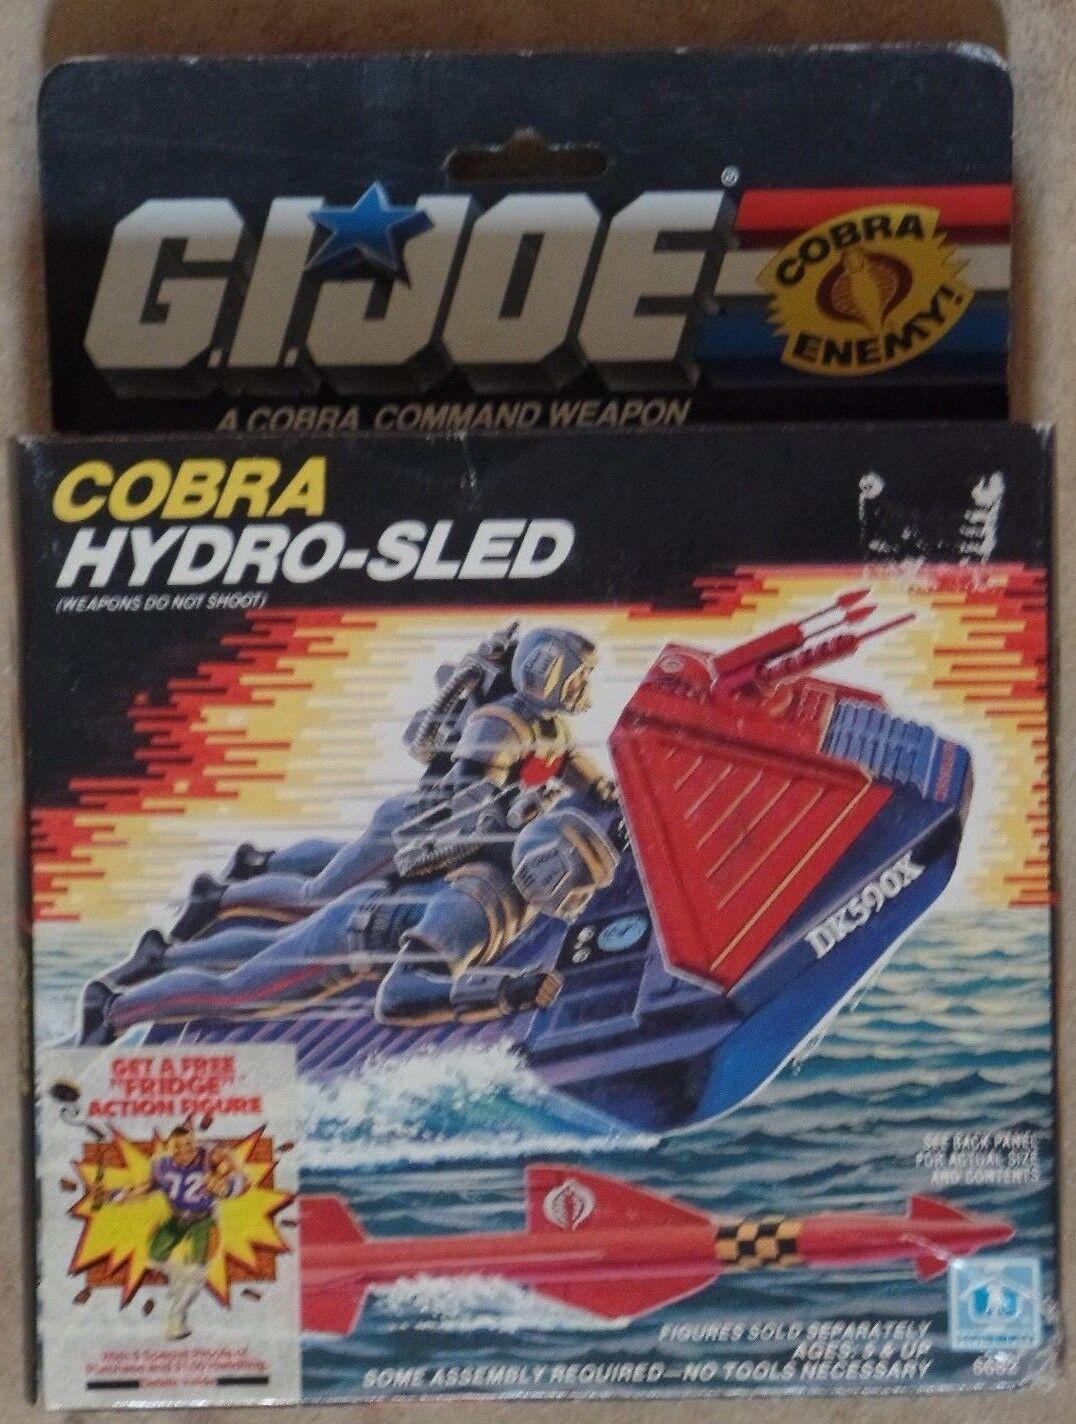 GI Joe COBRA Hydro-Sled Hasbro 1985 New MIB Open Box - SEALED Contents